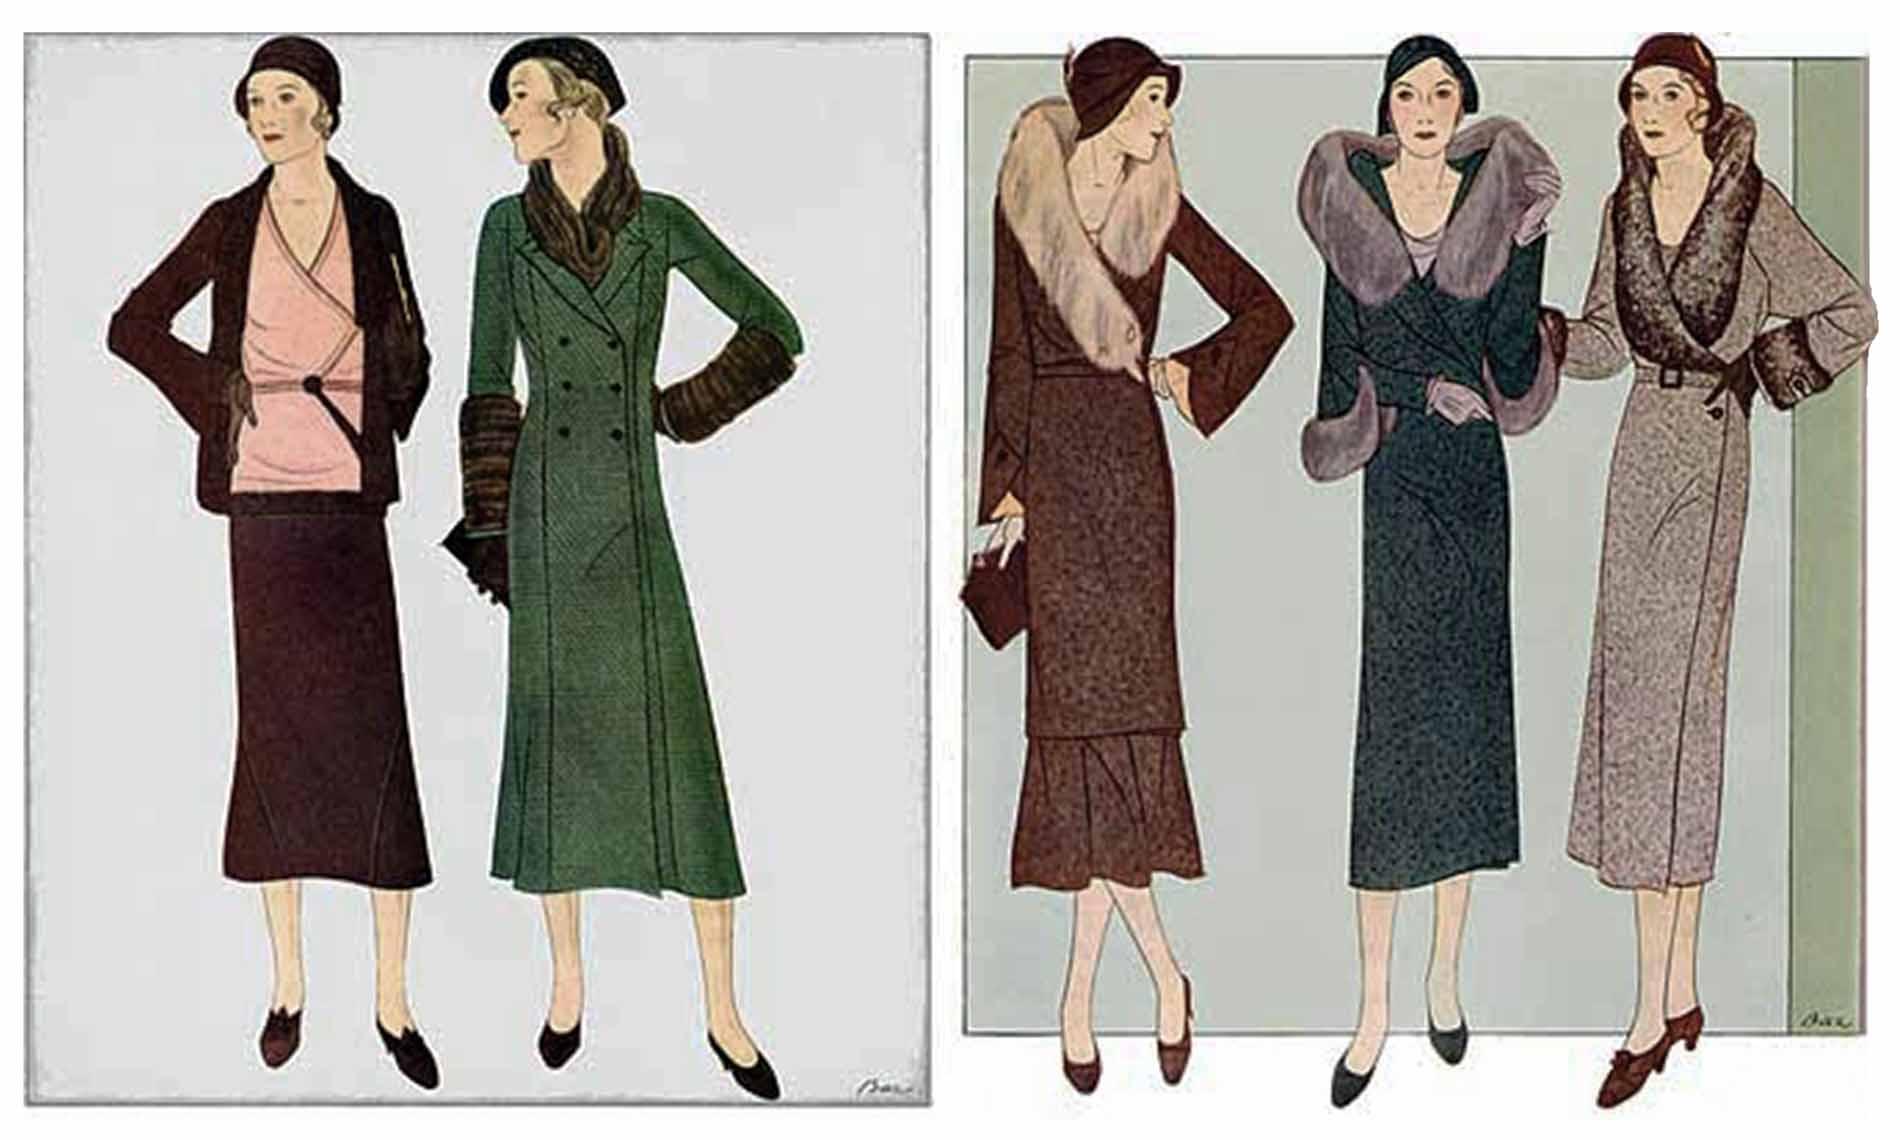 Ilustraciones en la evolución de la moda mexicana